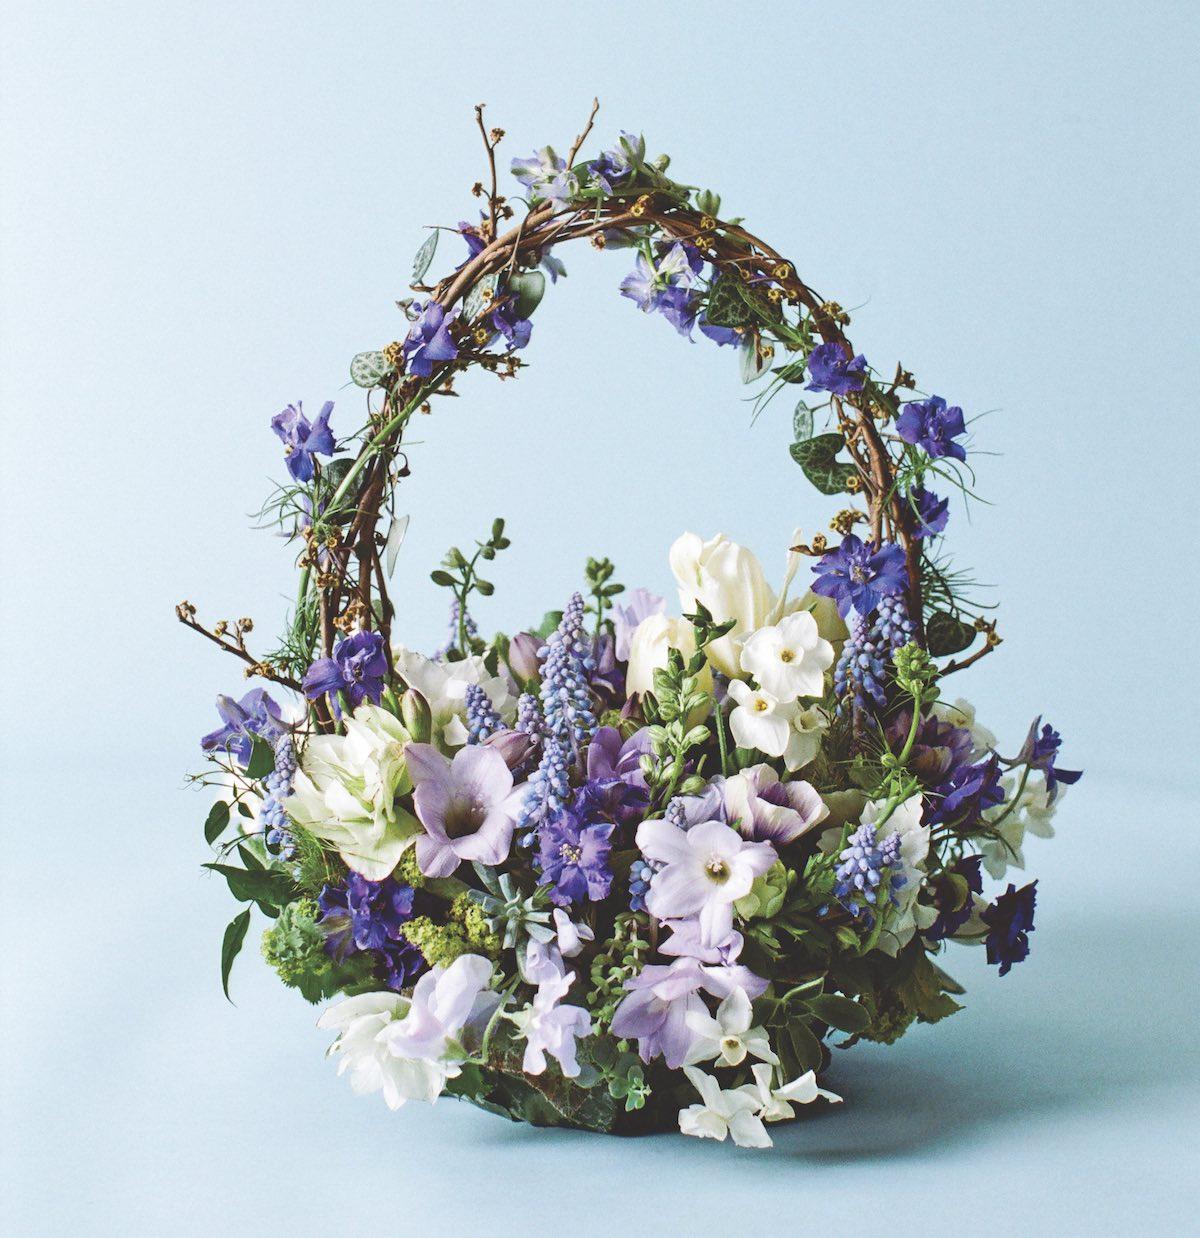 A tisket a tasket flowers in a basket flower magazine basket arrangements basket flower arrangements izmirmasajfo Images